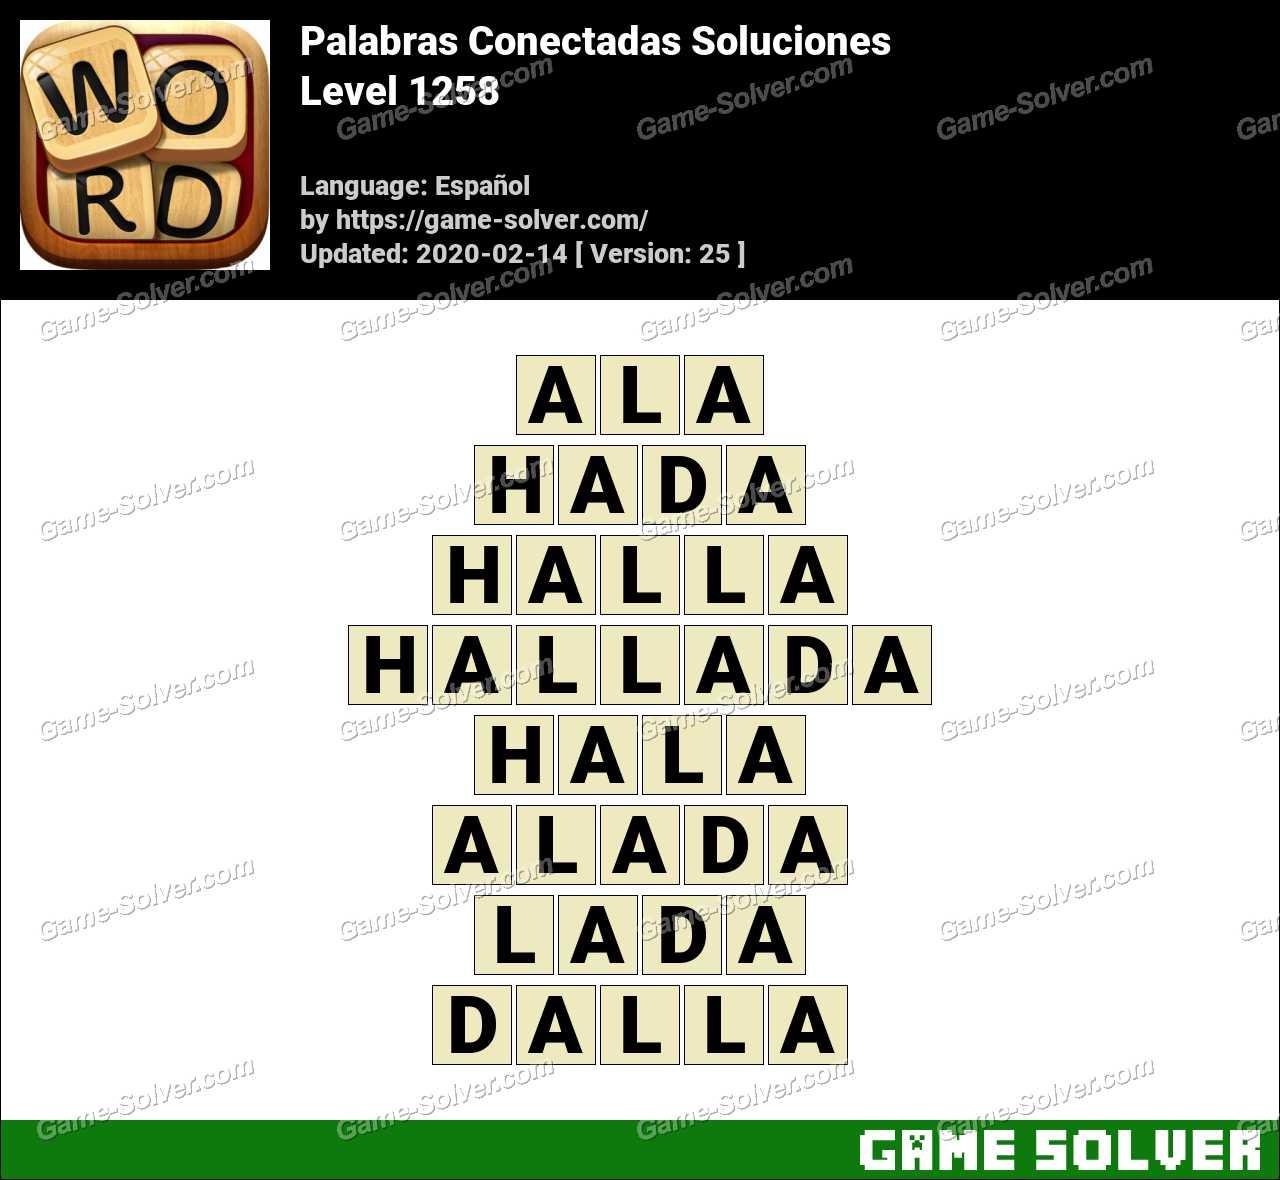 Palabras Conectadas Nivel 1258 Soluciones